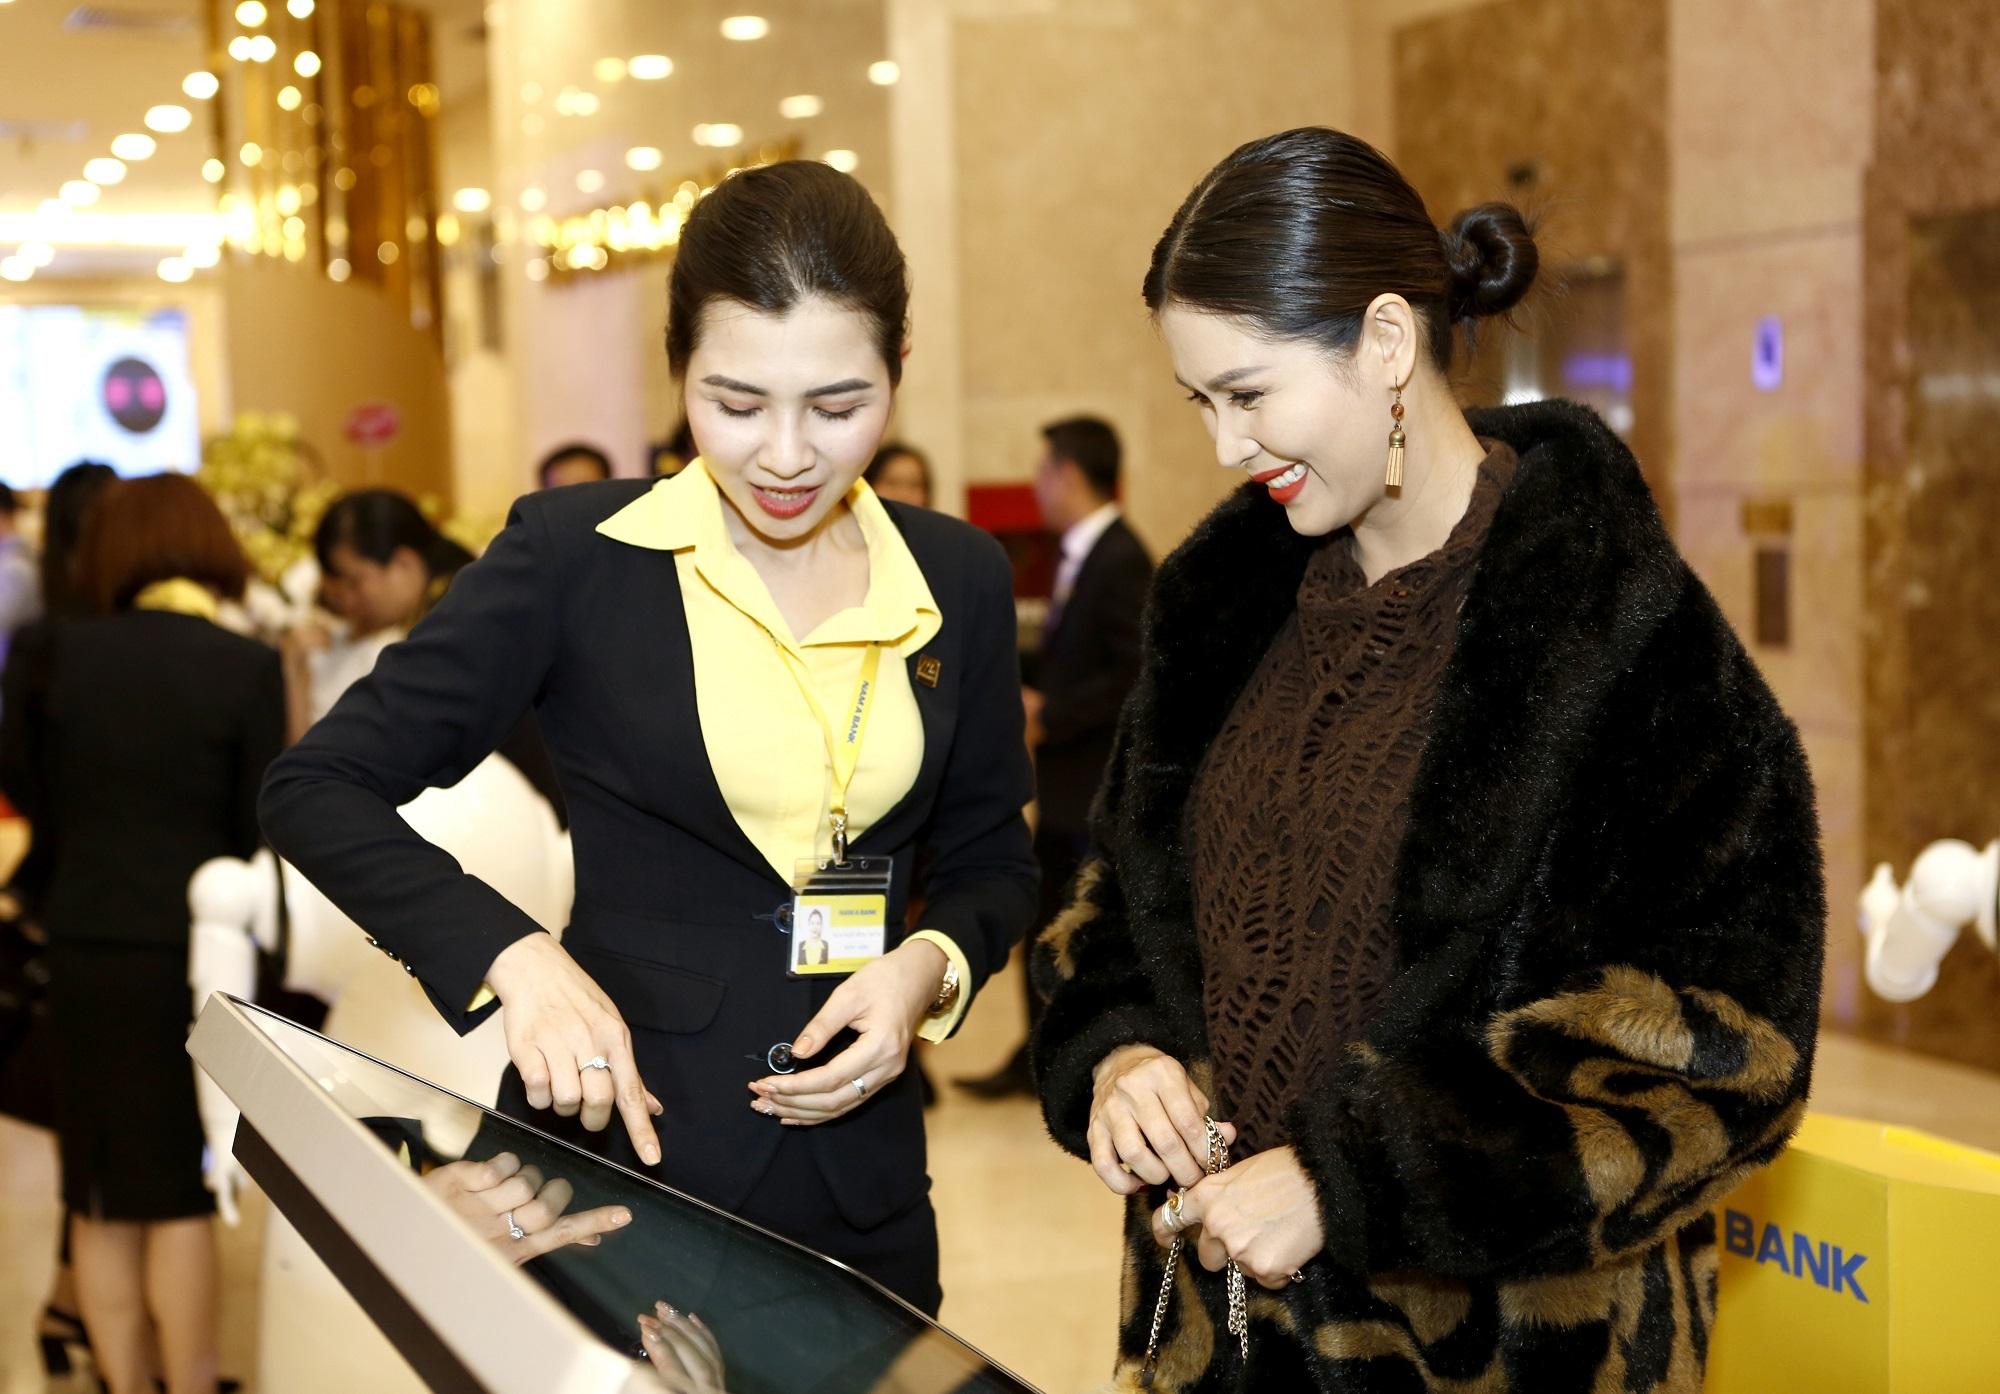 Khách hàng trải nghiệm các sản phẩm dịch vụ ngân hàng số tại Nam A Bank.